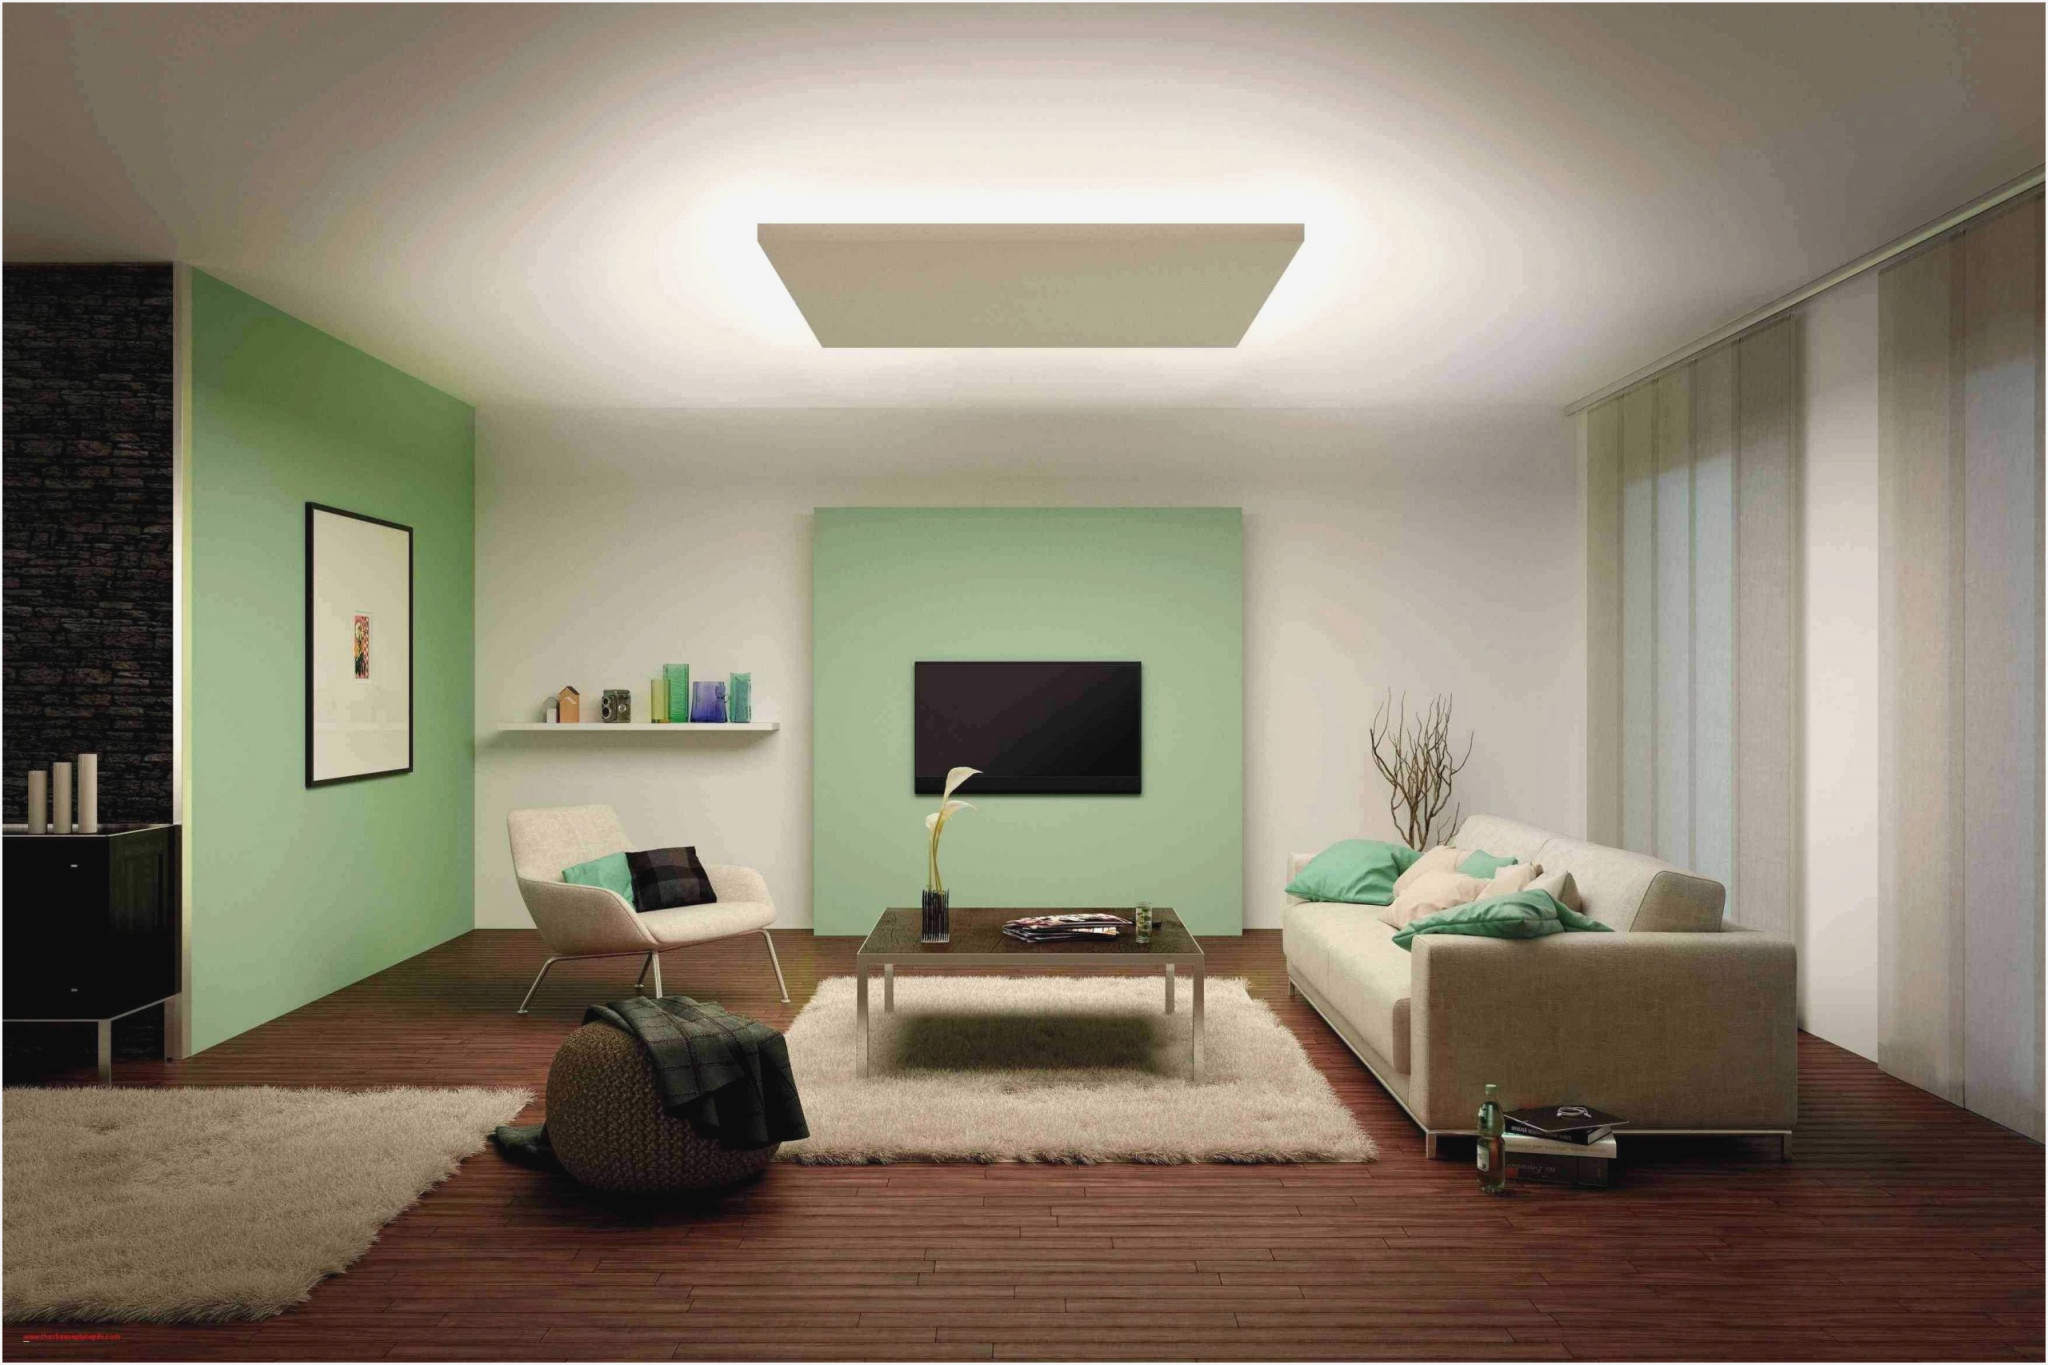 Modern Design Wohnzimmer Deckenlampe  Wohnzimmer von Deckenlampe Wohnzimmer Modern Bild